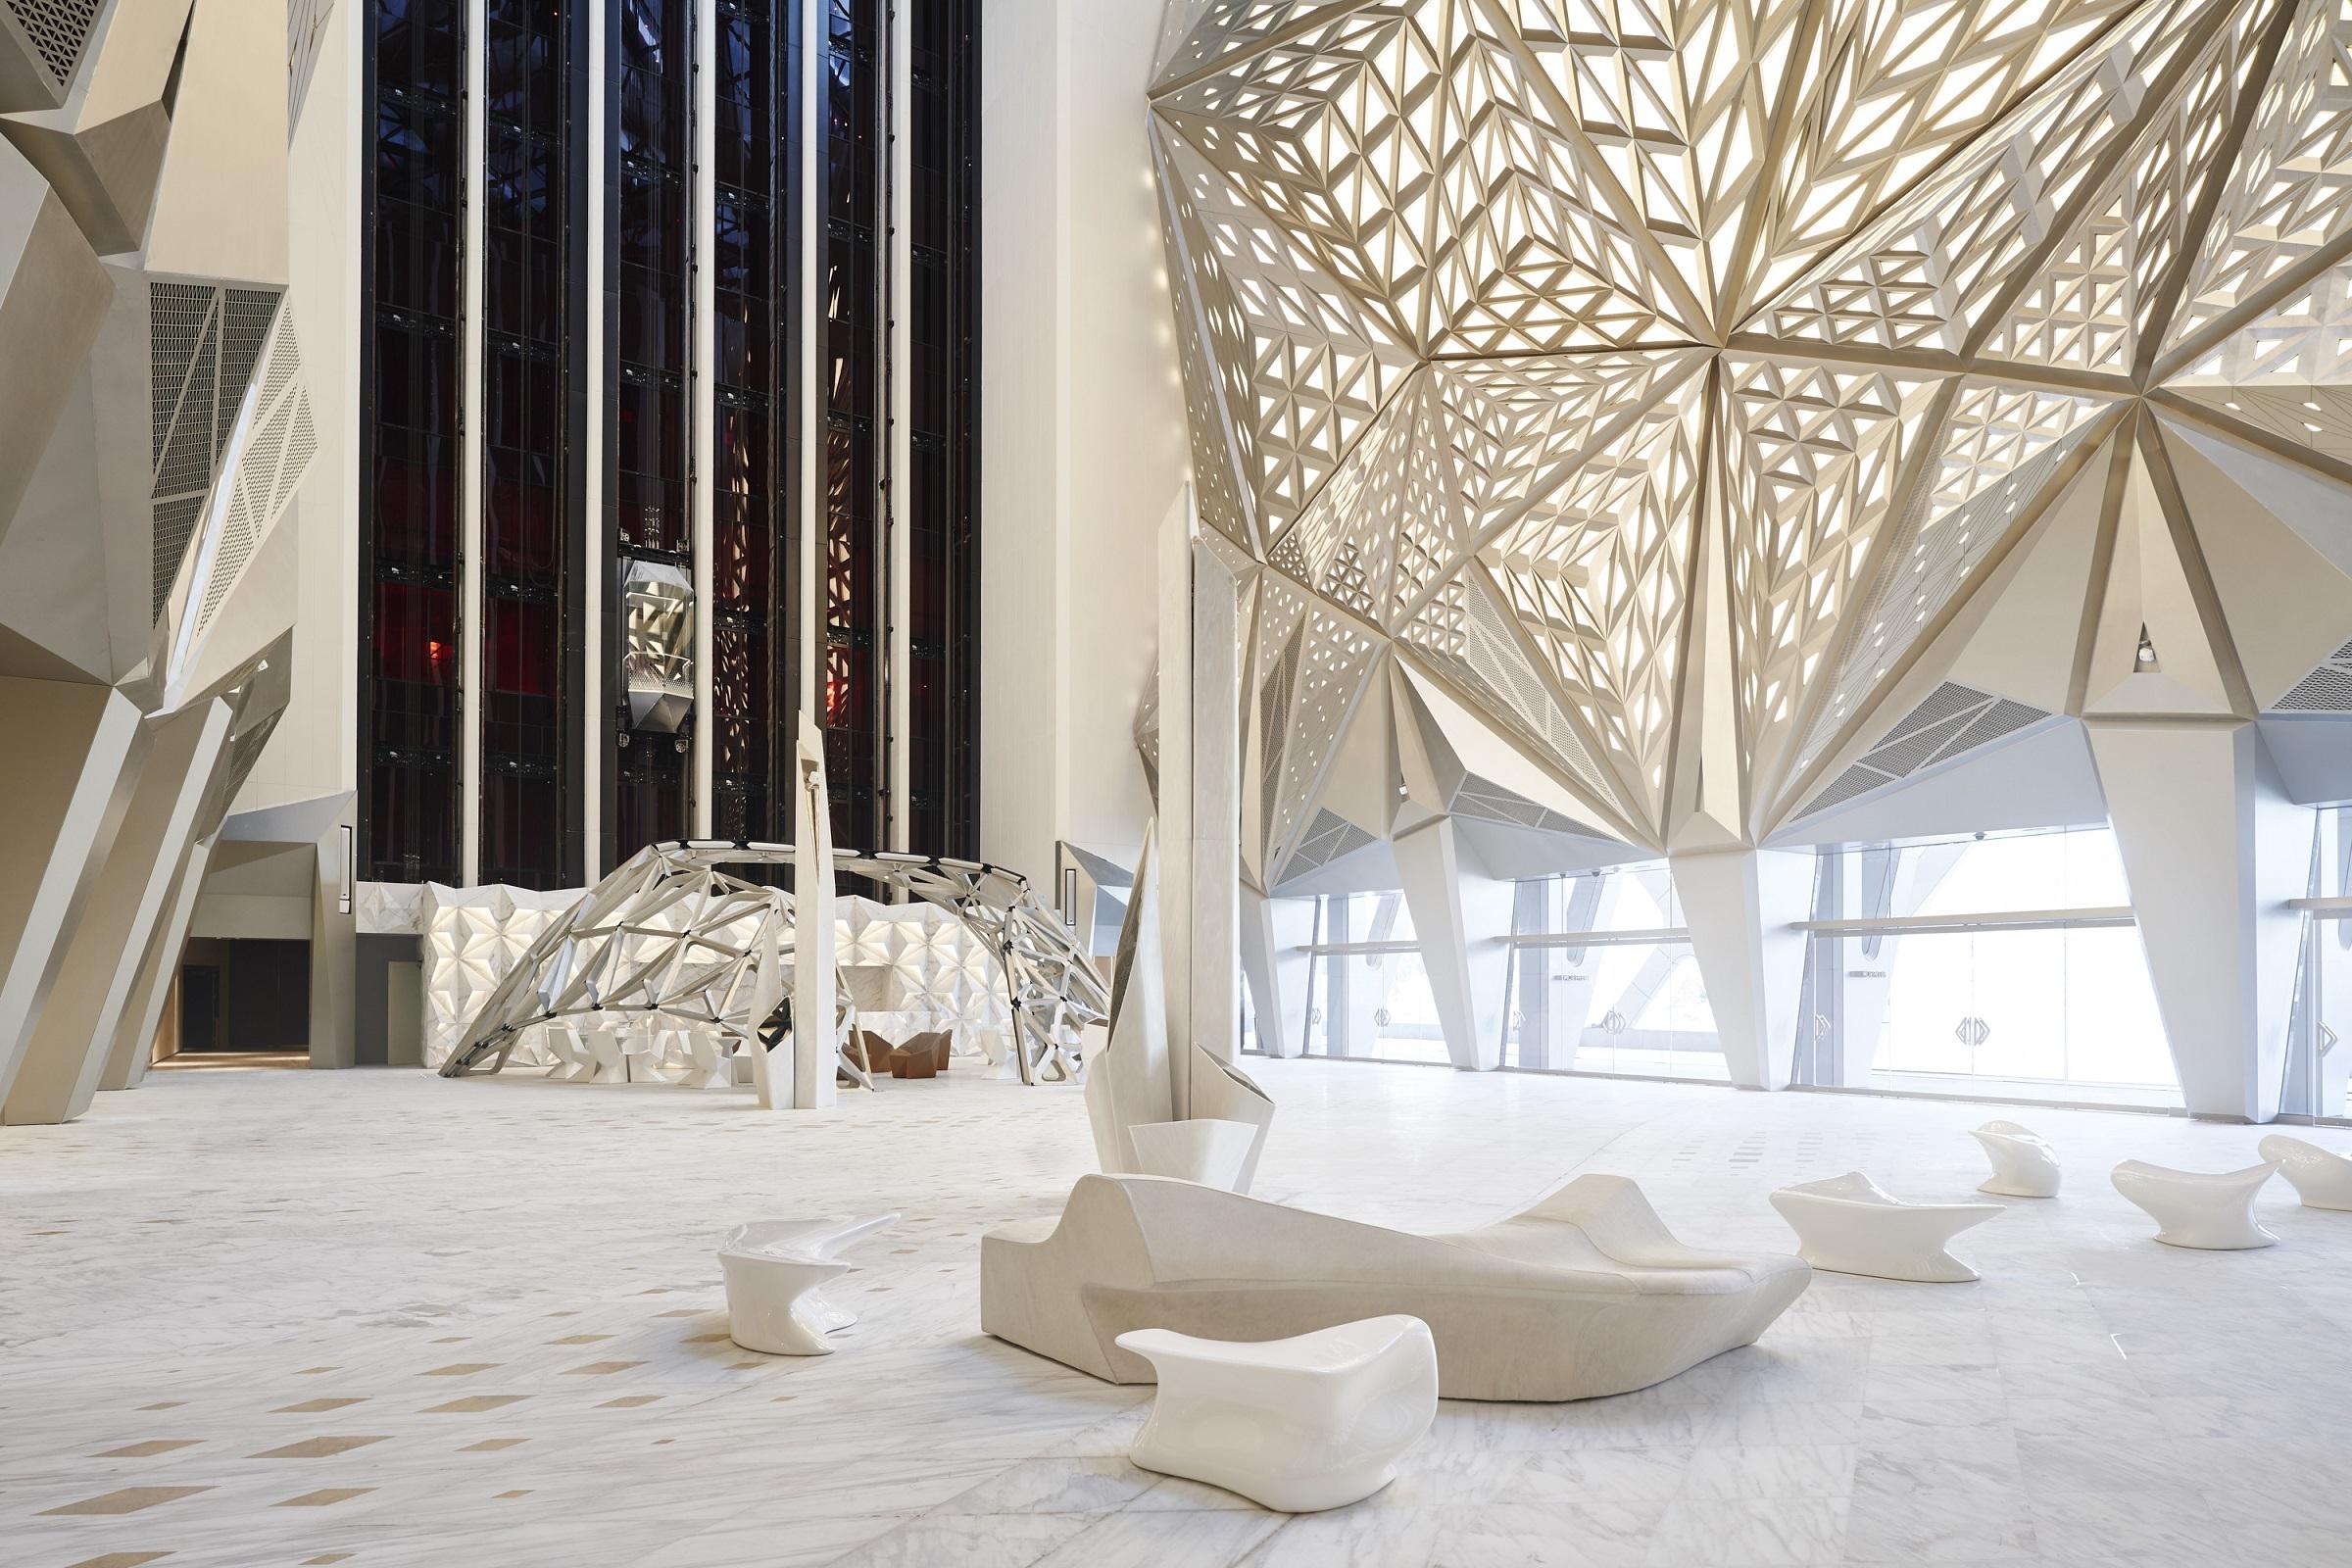 美食とアートの殿堂。マカオのラグジュアリーホテル「モーフィアス」へ【その1】_1_2-2